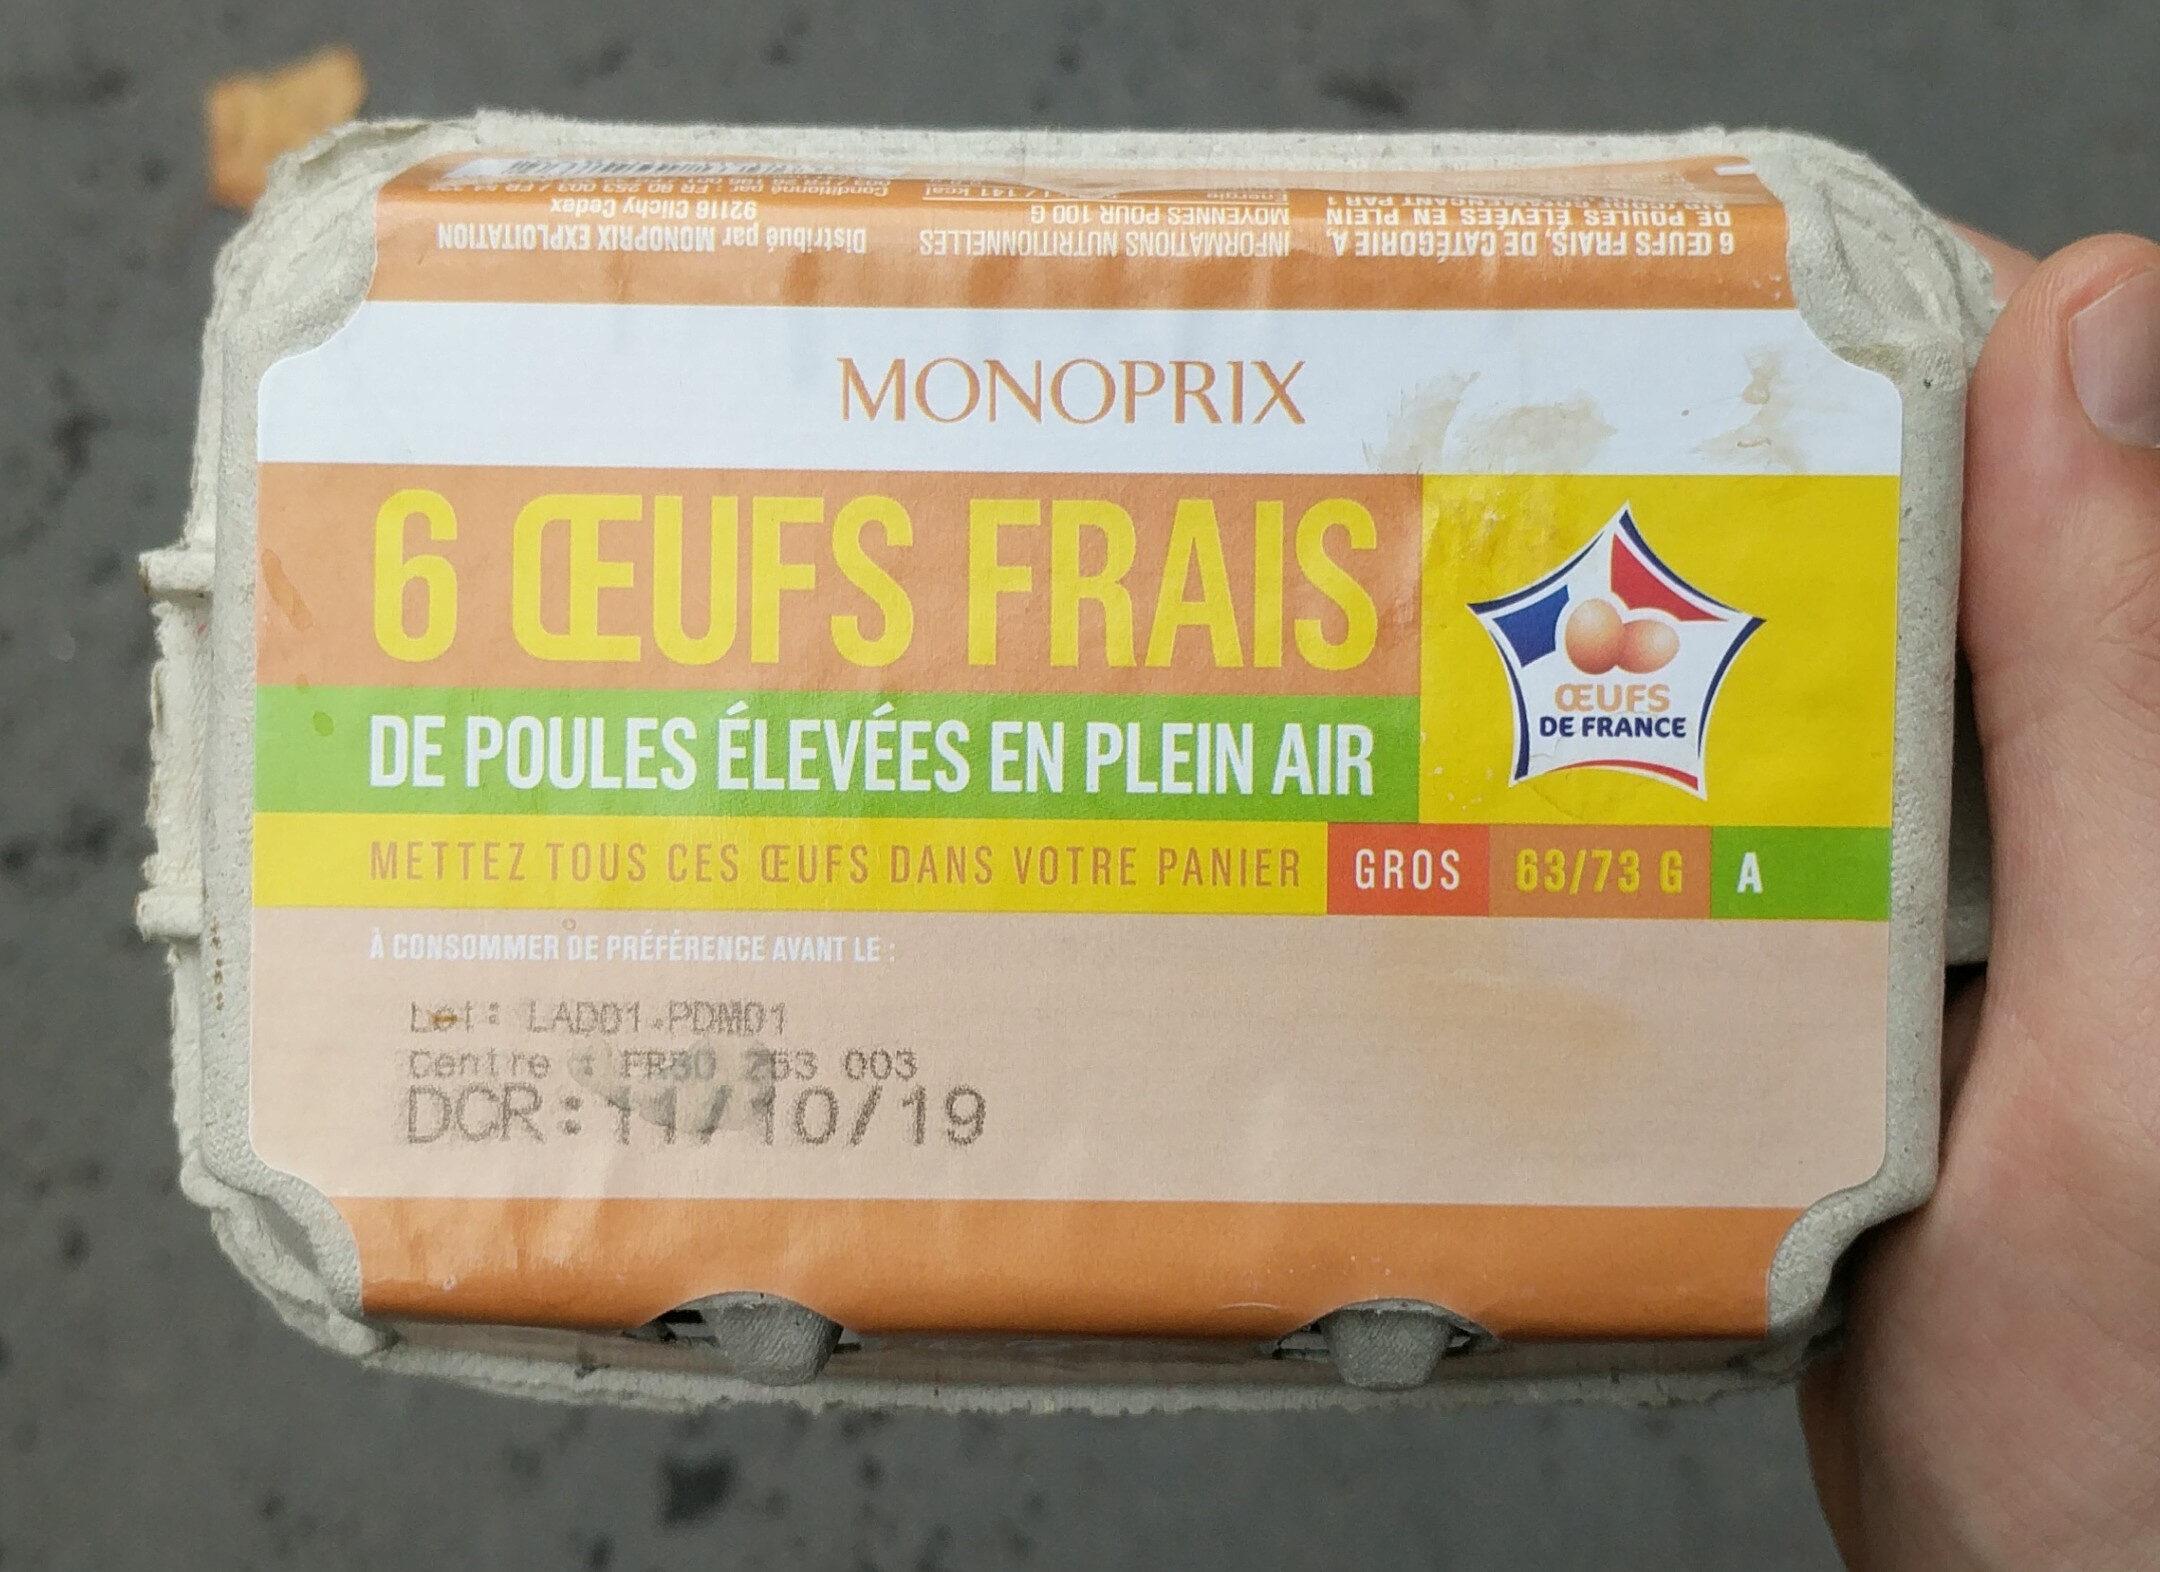 Œufs frais de poules élevées en plein air - Produit - fr